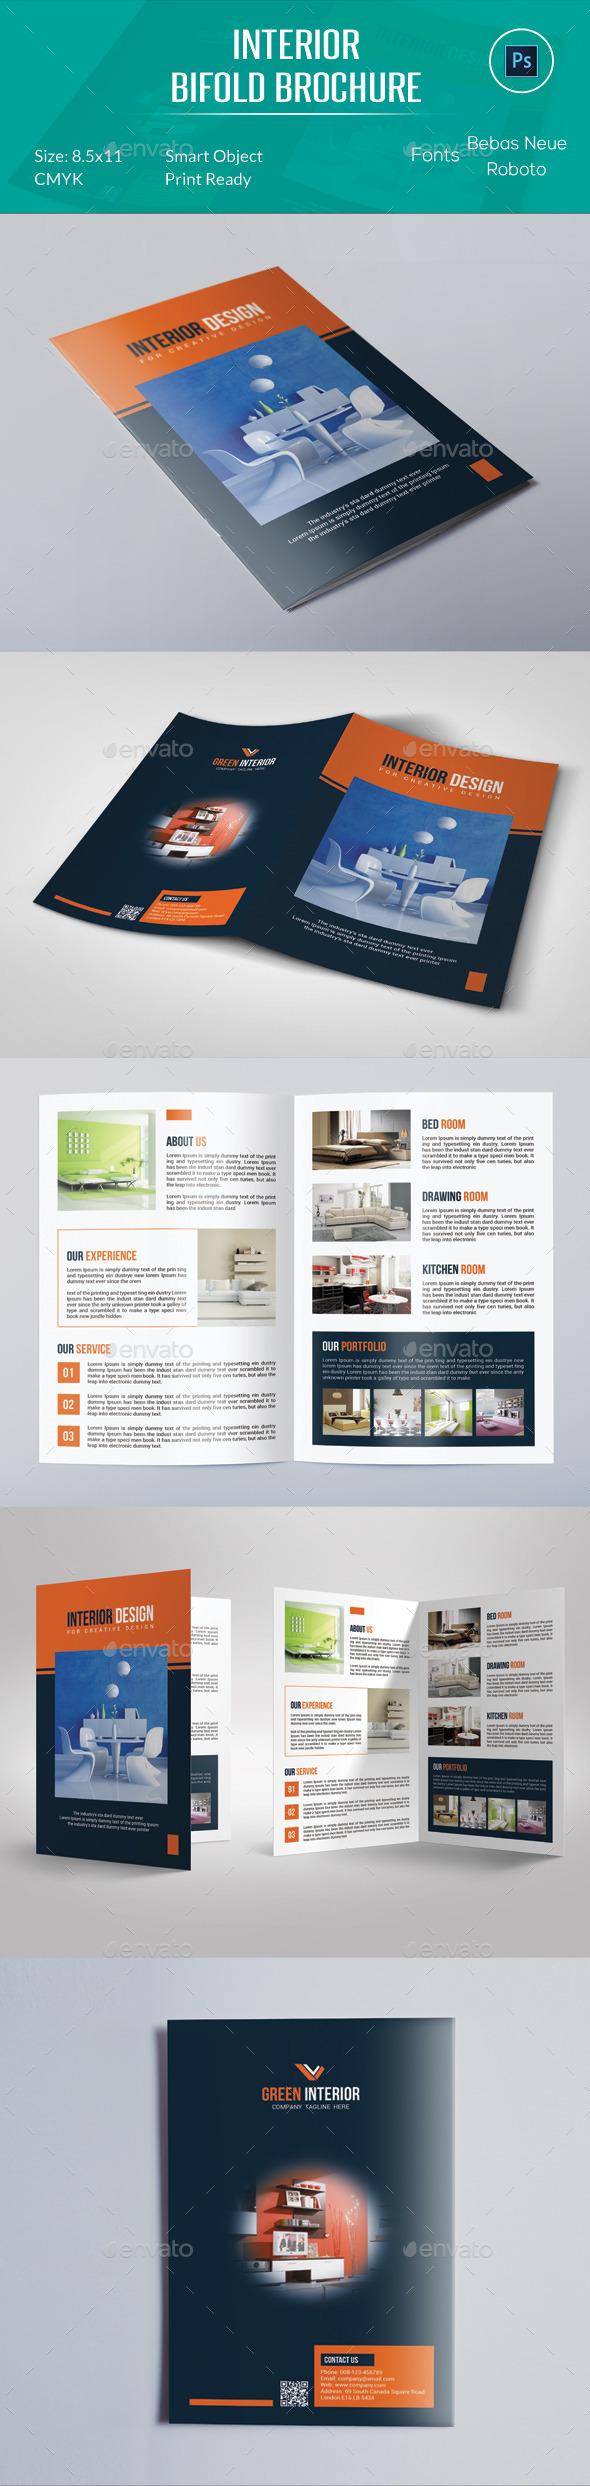 Interior Bifold Brochure - Corporate Brochures